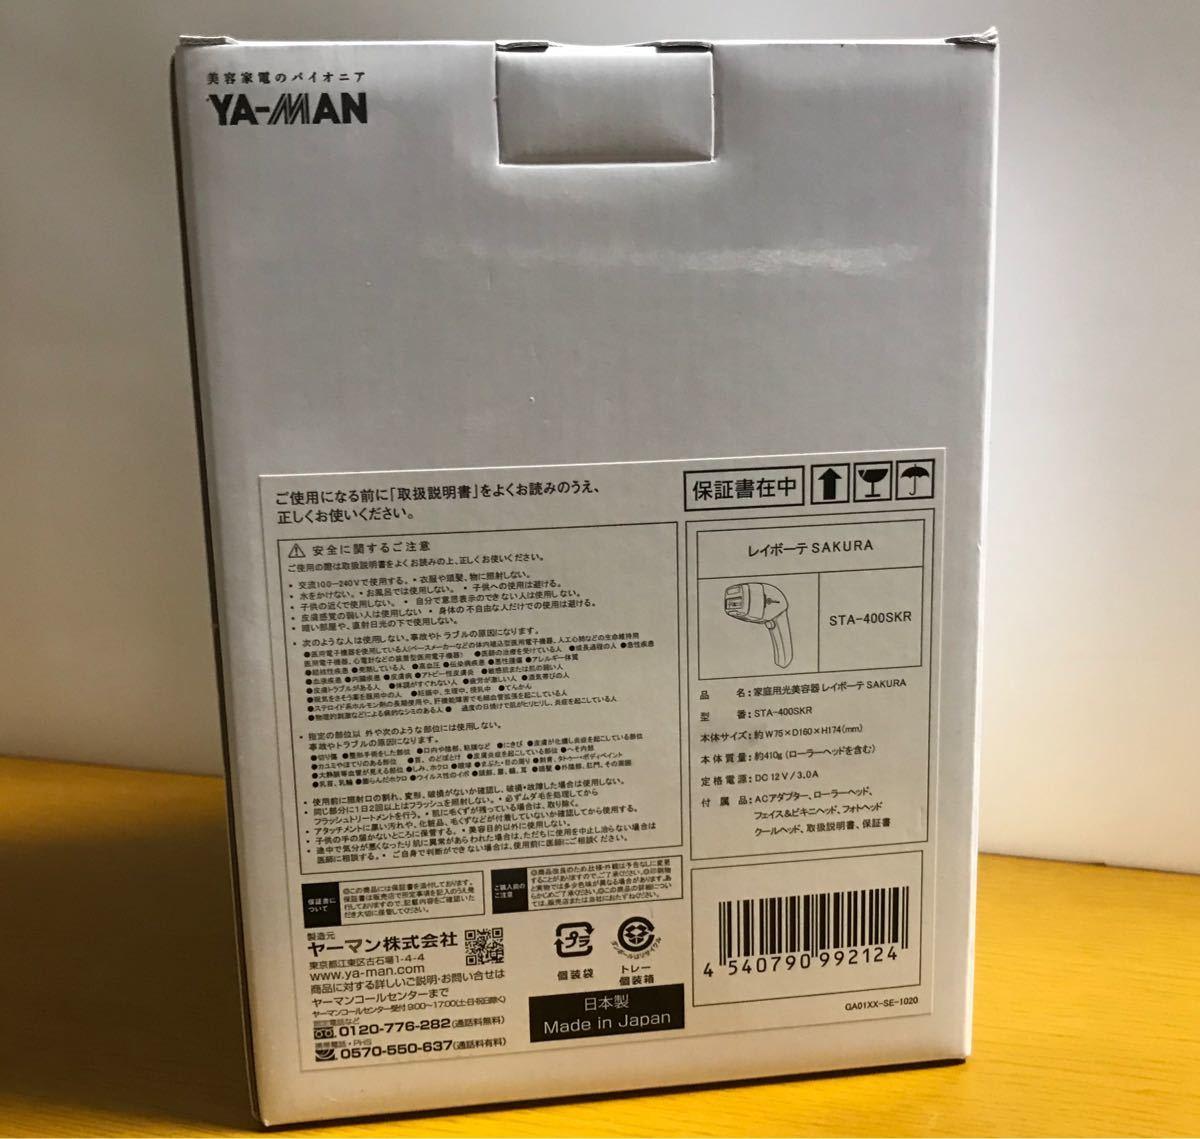 新品 ヤーマン レイボーテ SAKURA  STA-400SKR 保証有り